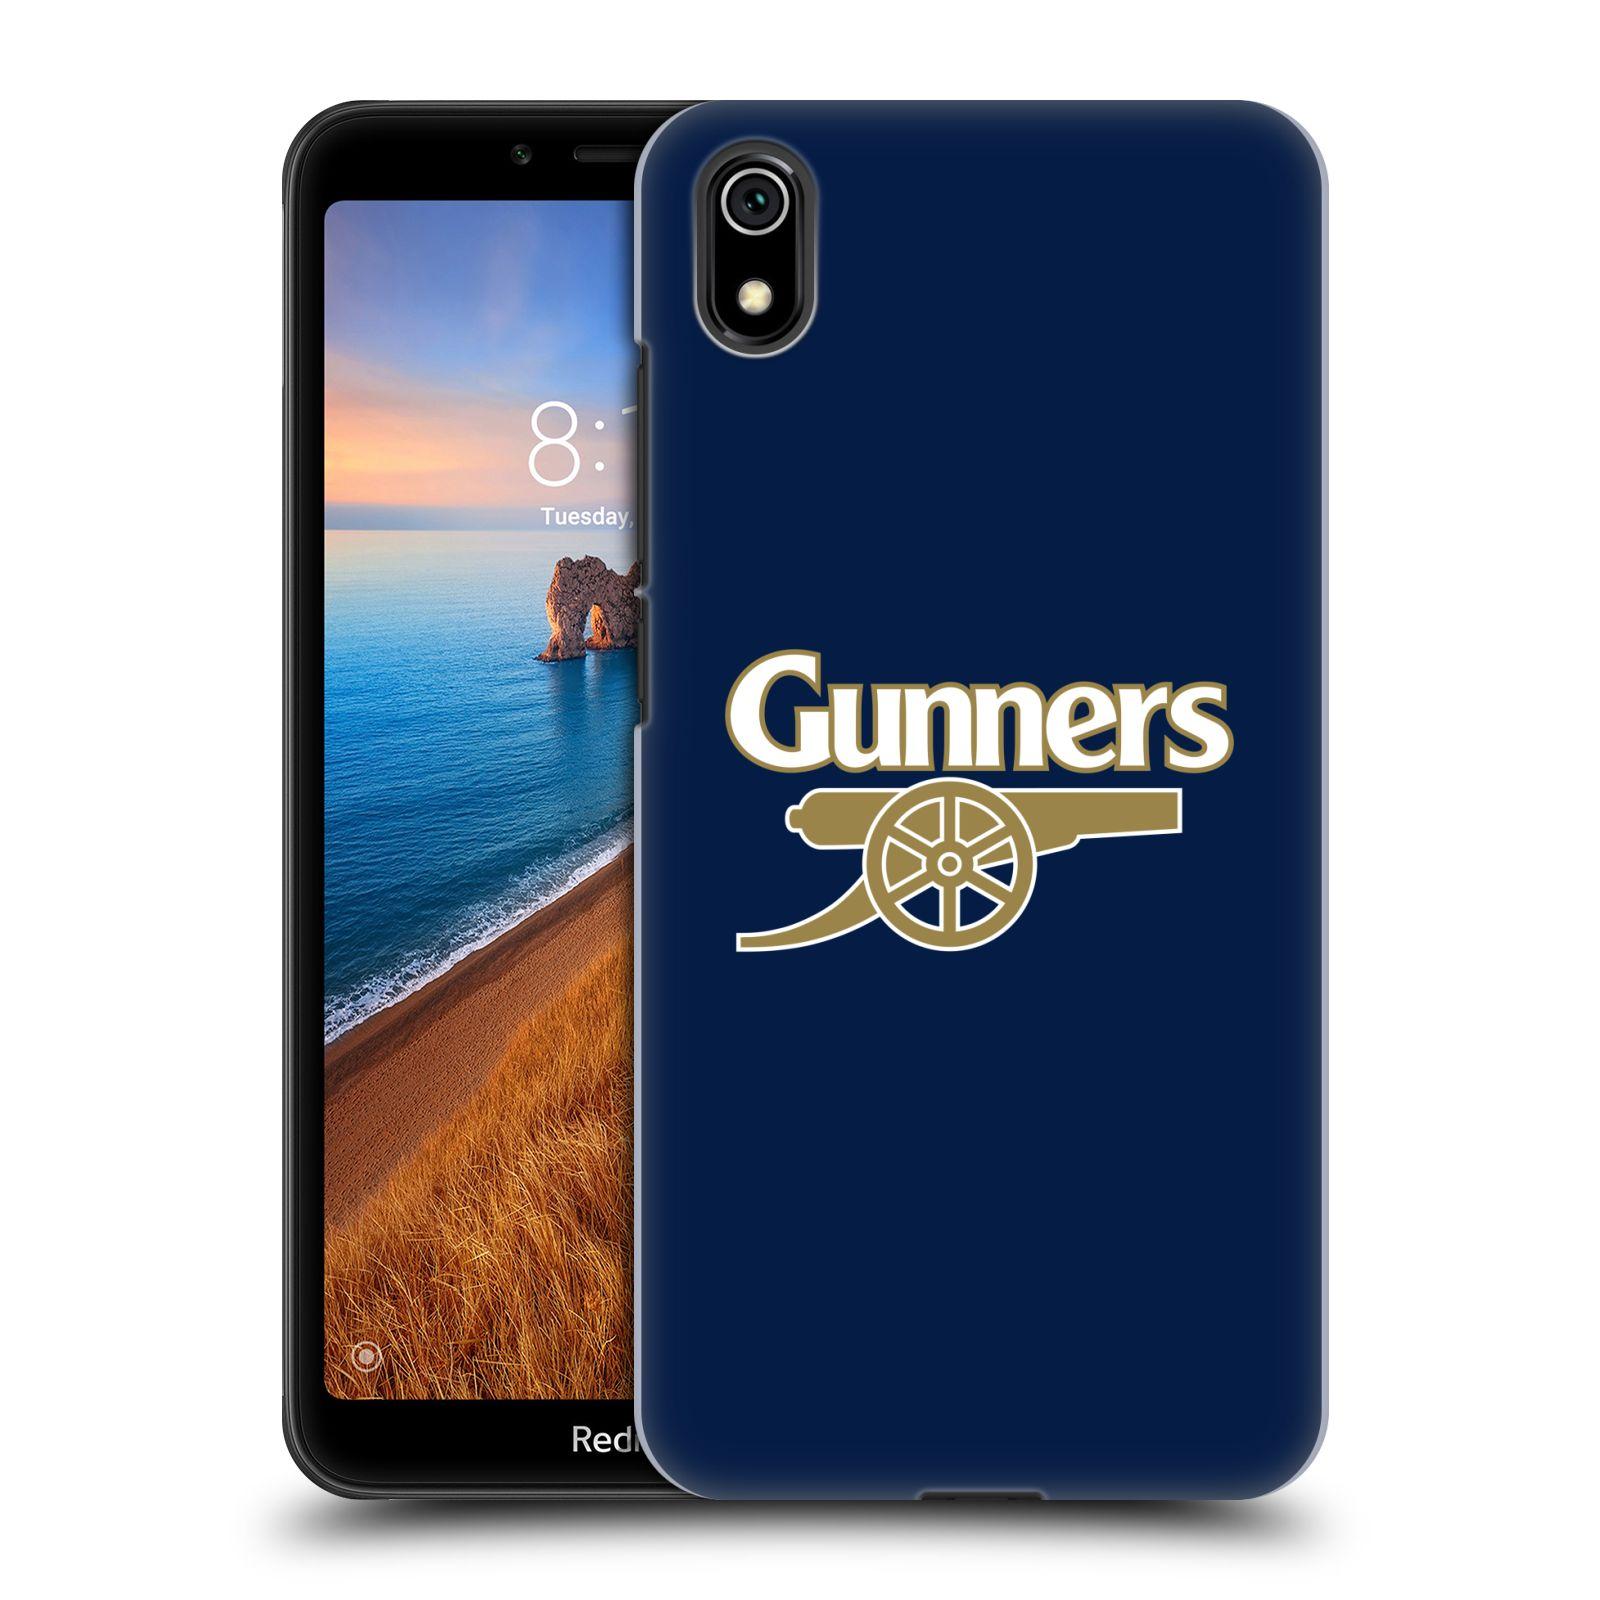 Plastové pouzdro na mobil Xiaomi Redmi 7A - Head Case - Arsenal FC - Gunners